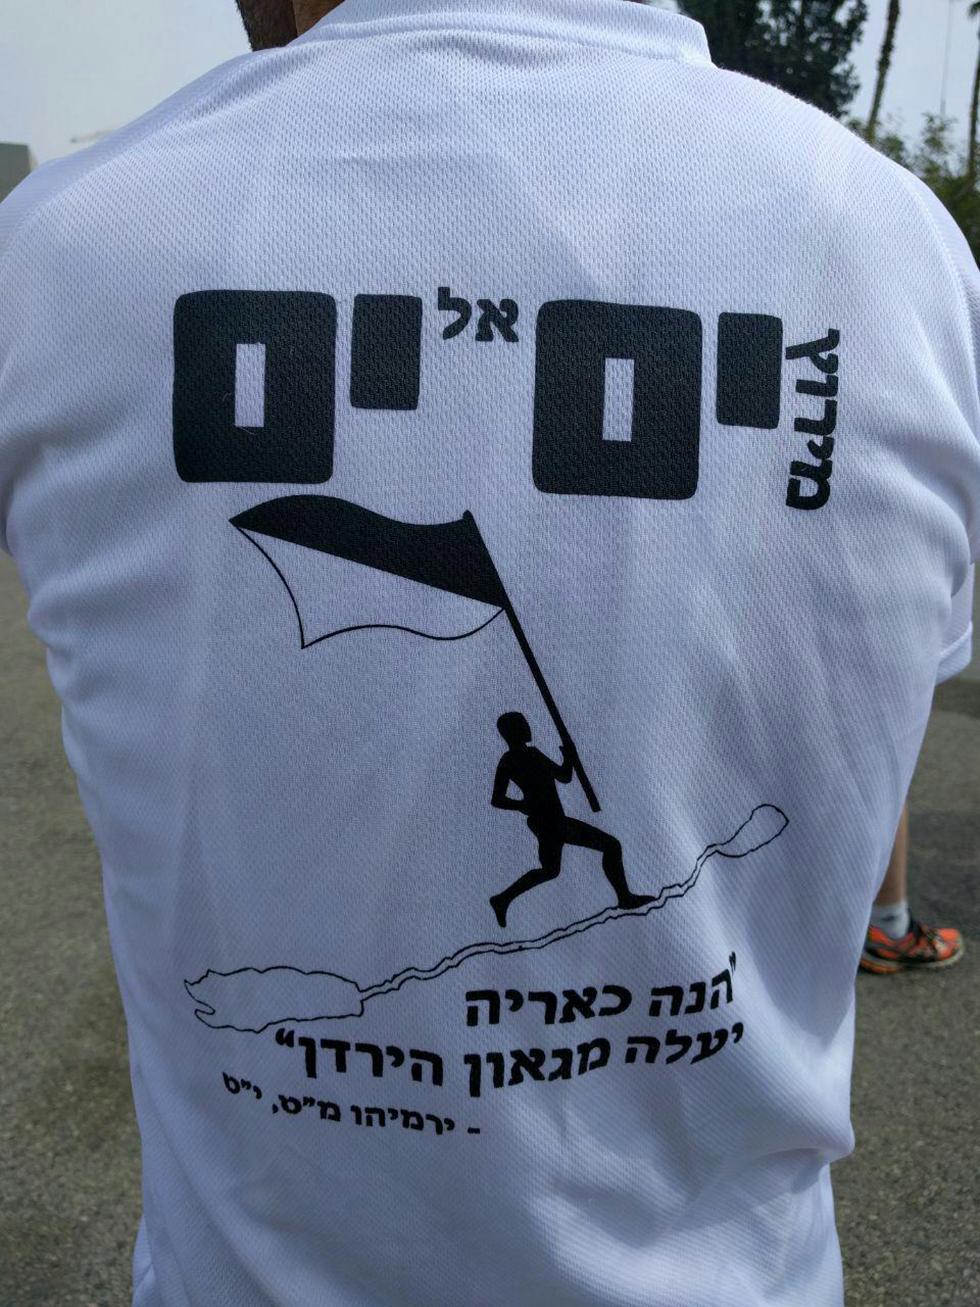 מרוץ לציון 50 שנה להקמת חטיבת הבקעה ()